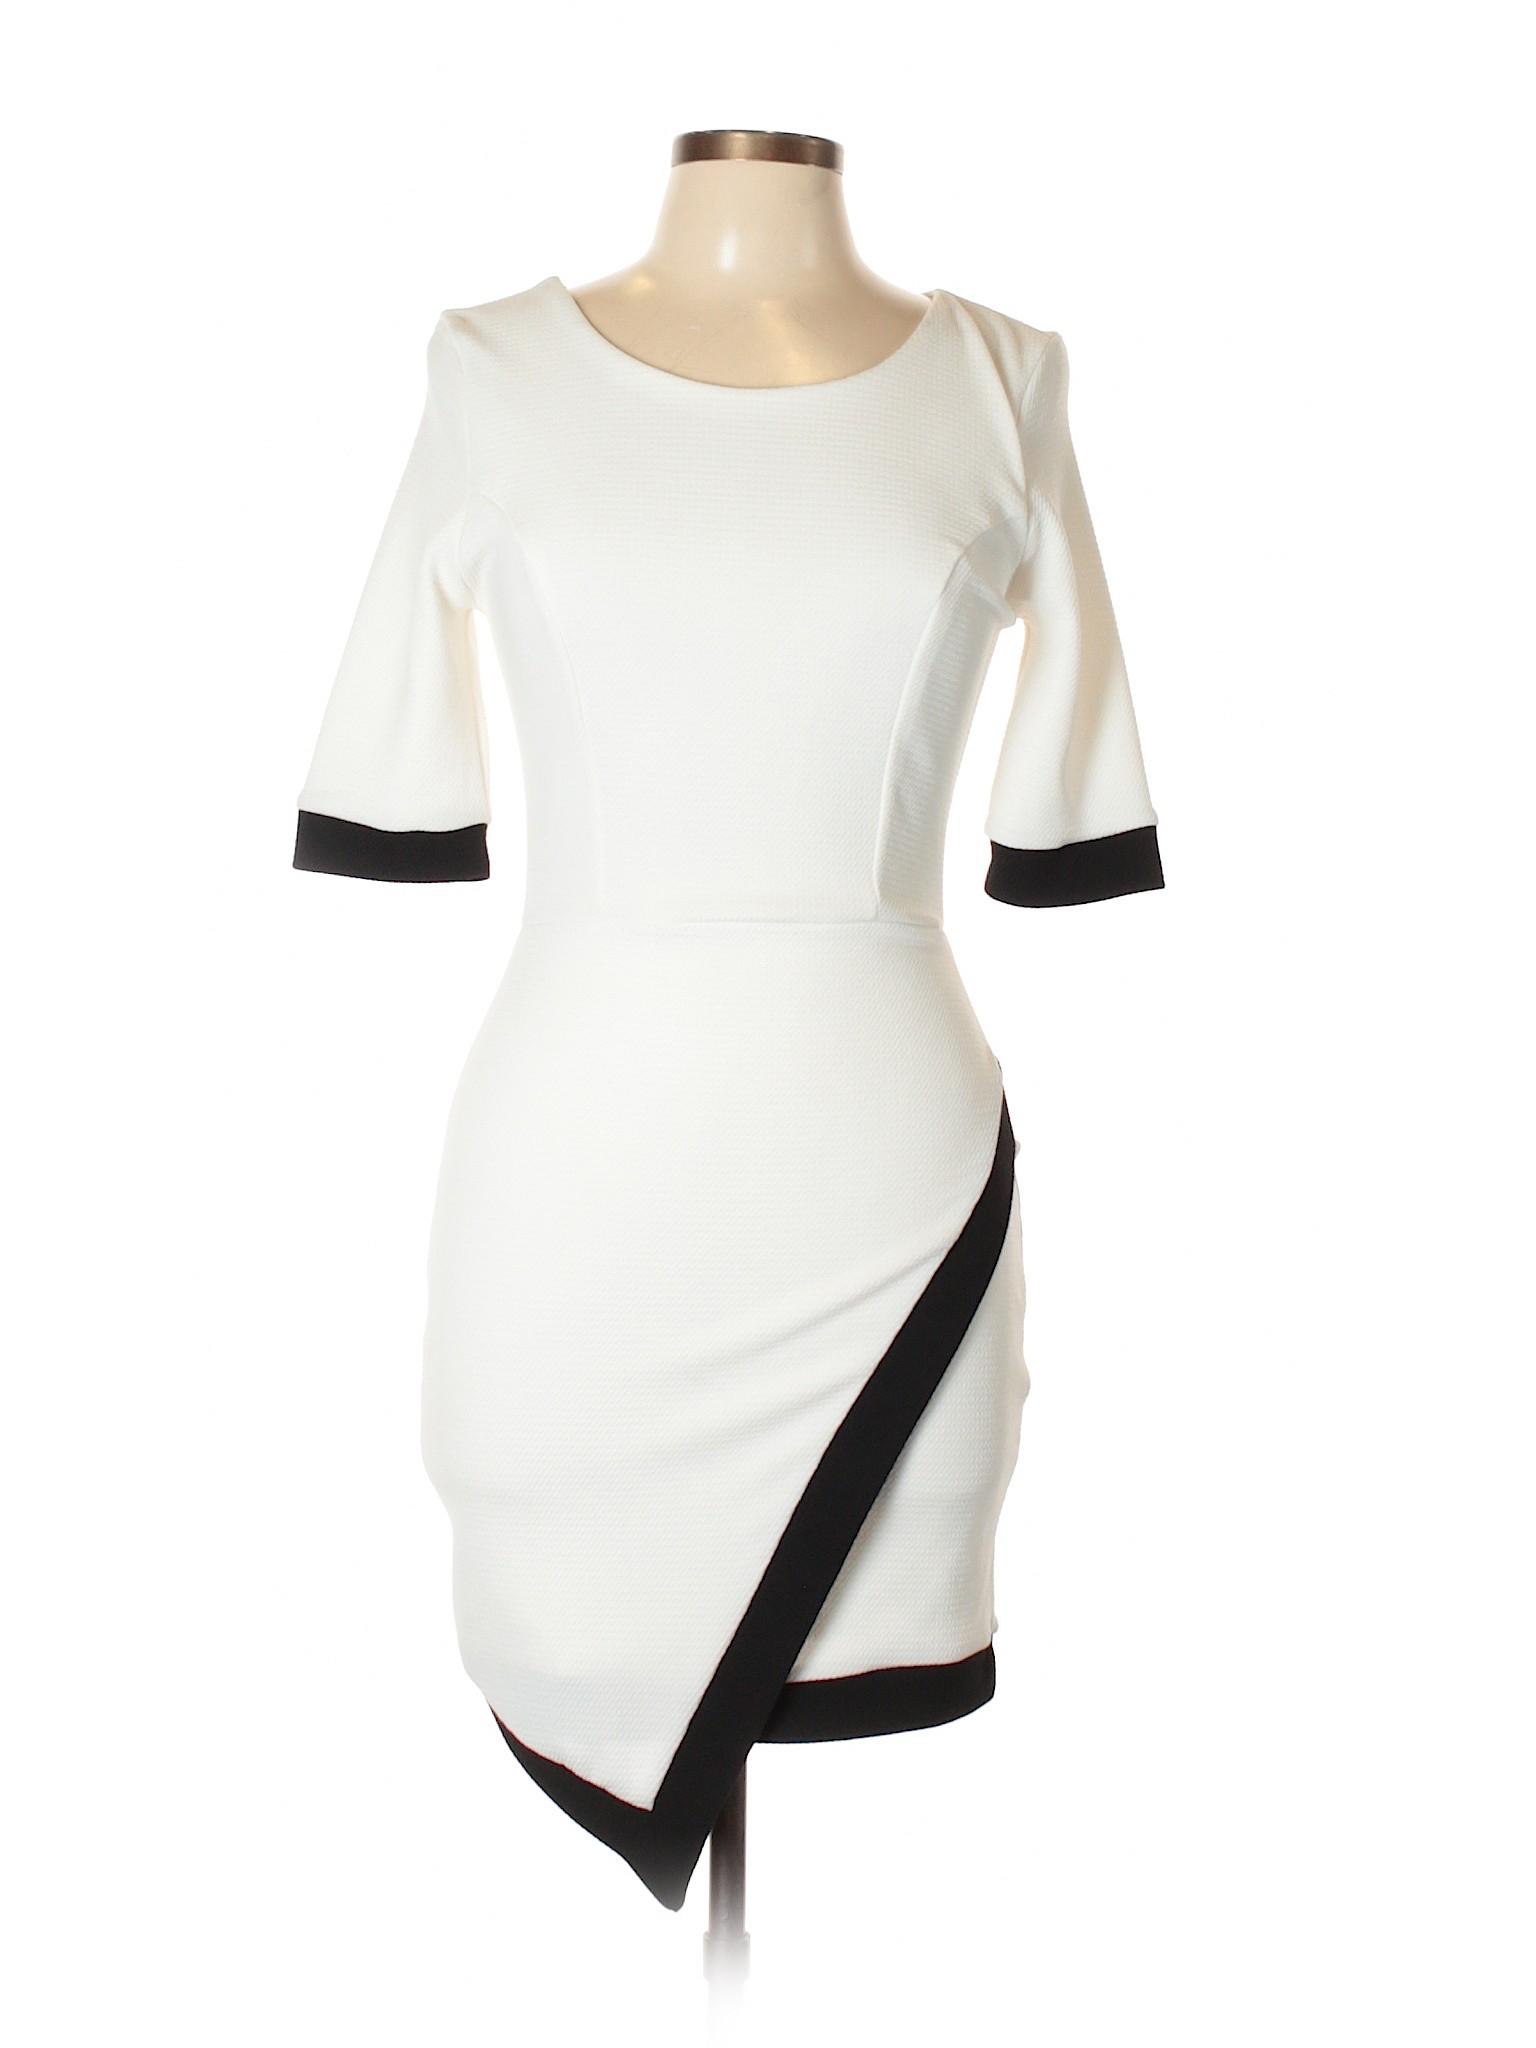 Selling Casual Casual Selling Dress Selling Dress Selling Lulu's Lulu's Dress Lulu's Casual Lulu's Casual xwBTaxZq